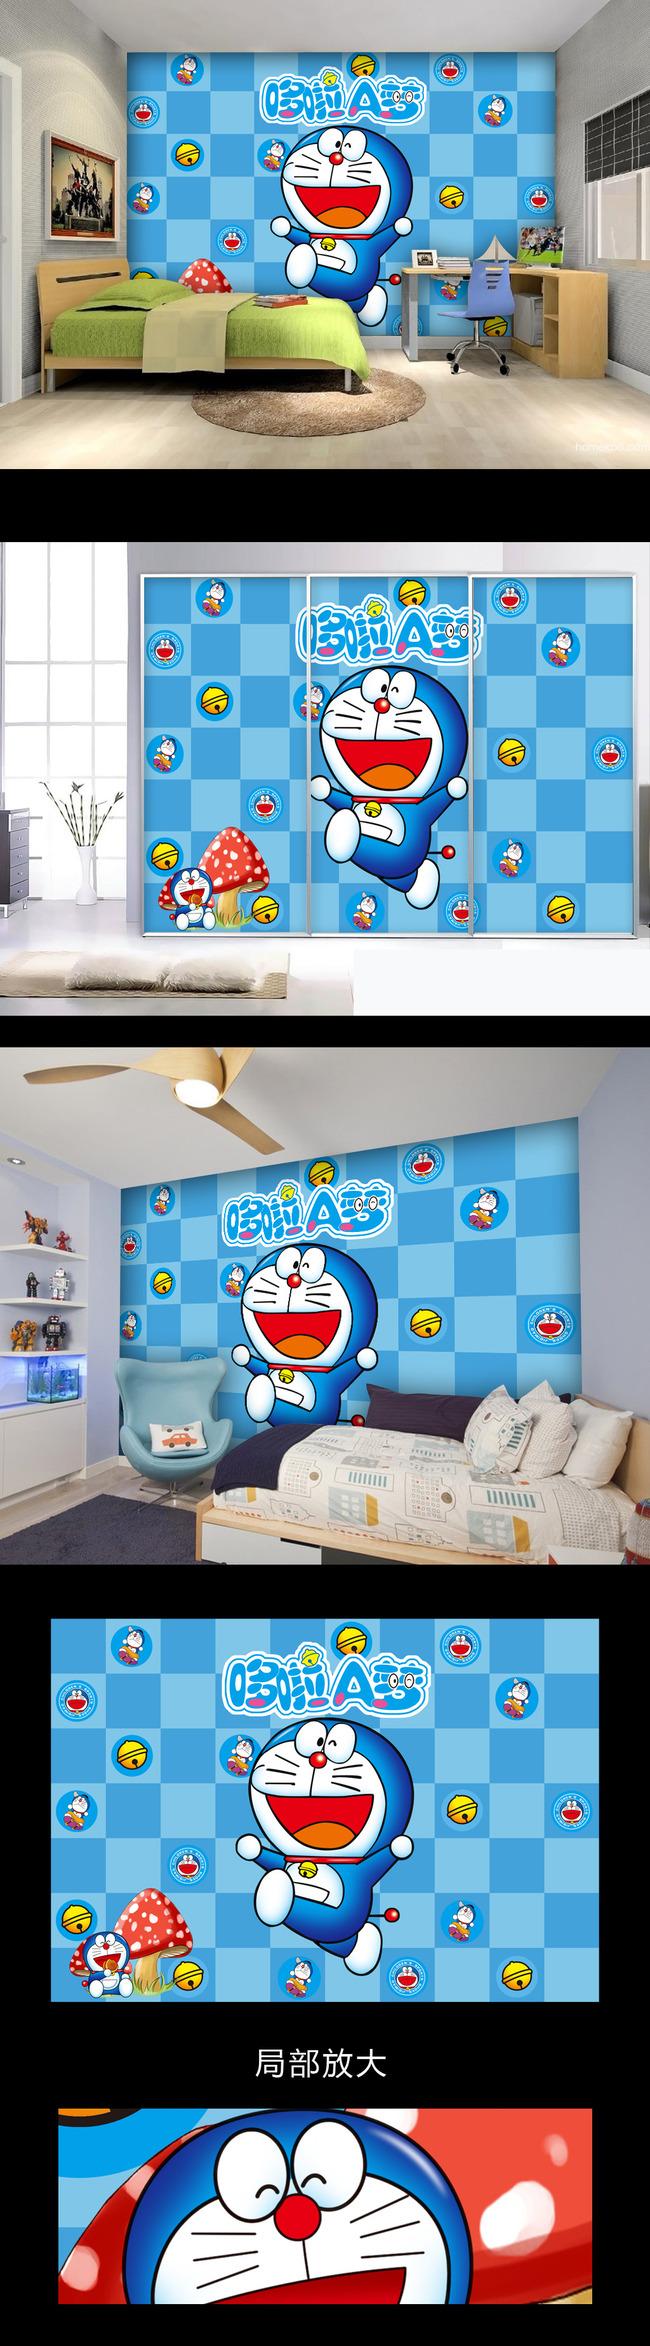 方块 儿童房 幼儿园 游乐园 壁画 背景墙 砖墙 小叮当 哆拉a梦 哆啦a